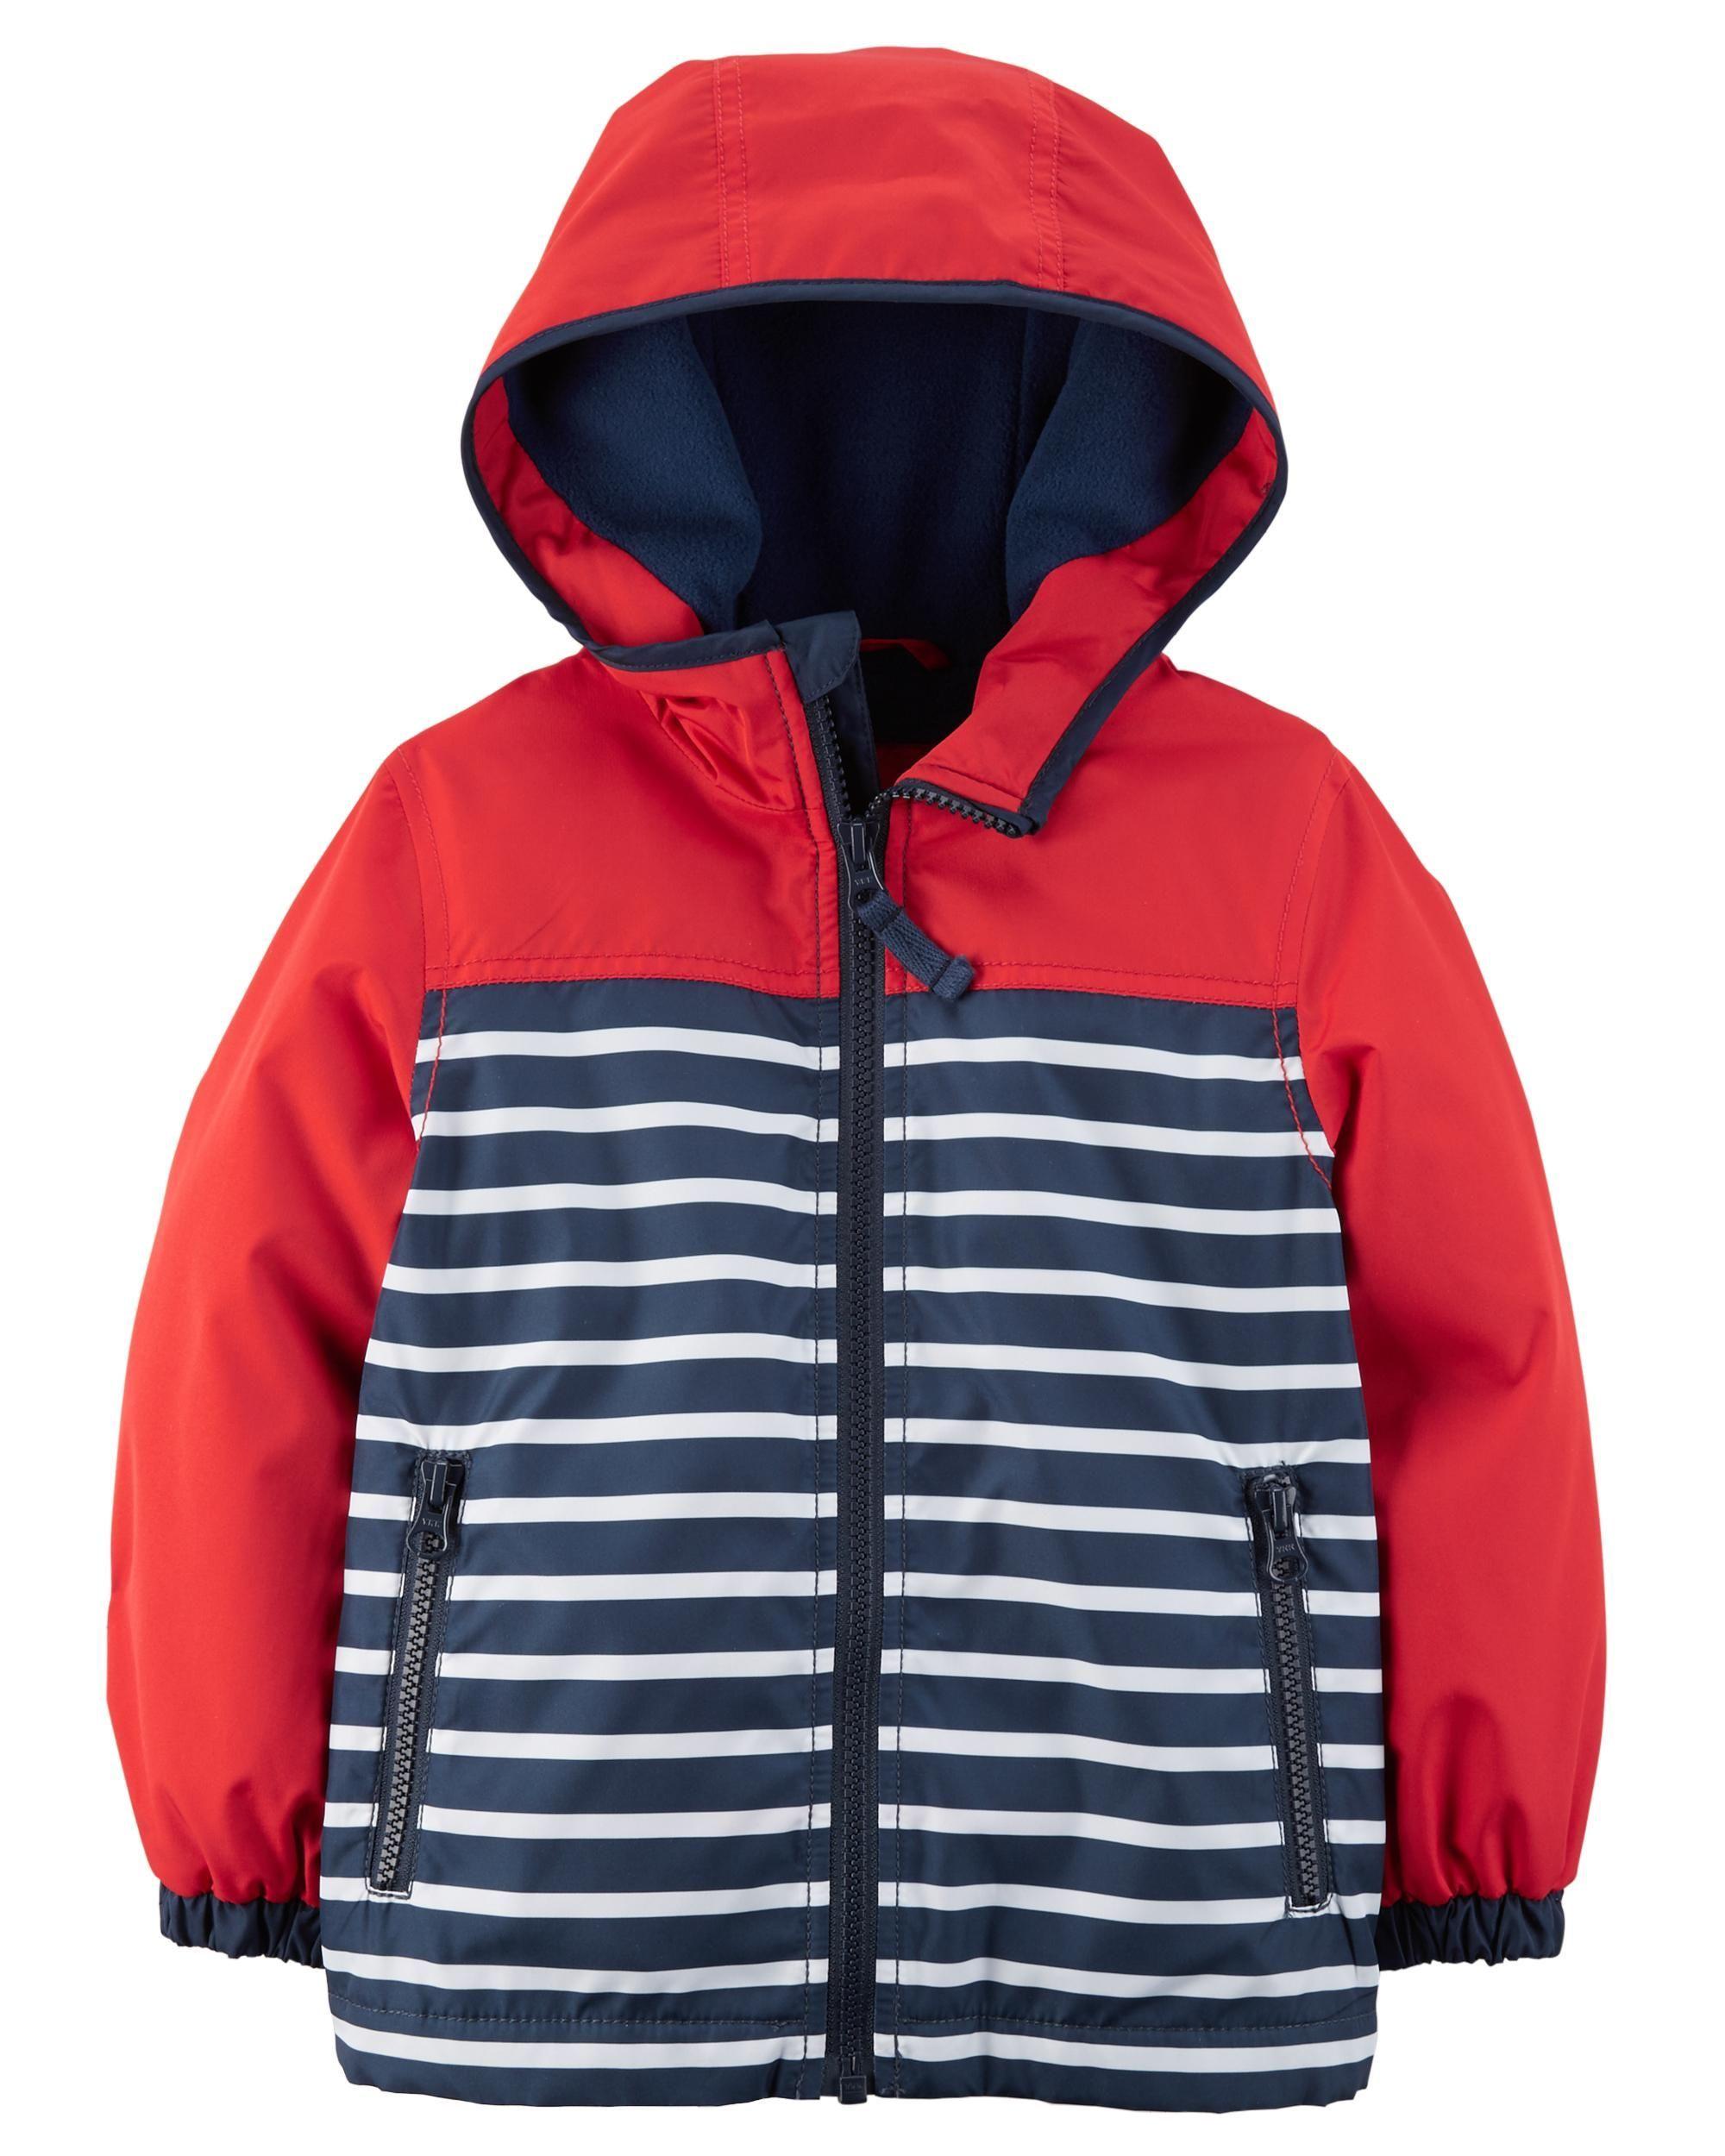 Striped Fleece Lined Jacket Baby Boy Jackets Baby Outerwear Boy Outerwear [ 2500 x 2000 Pixel ]